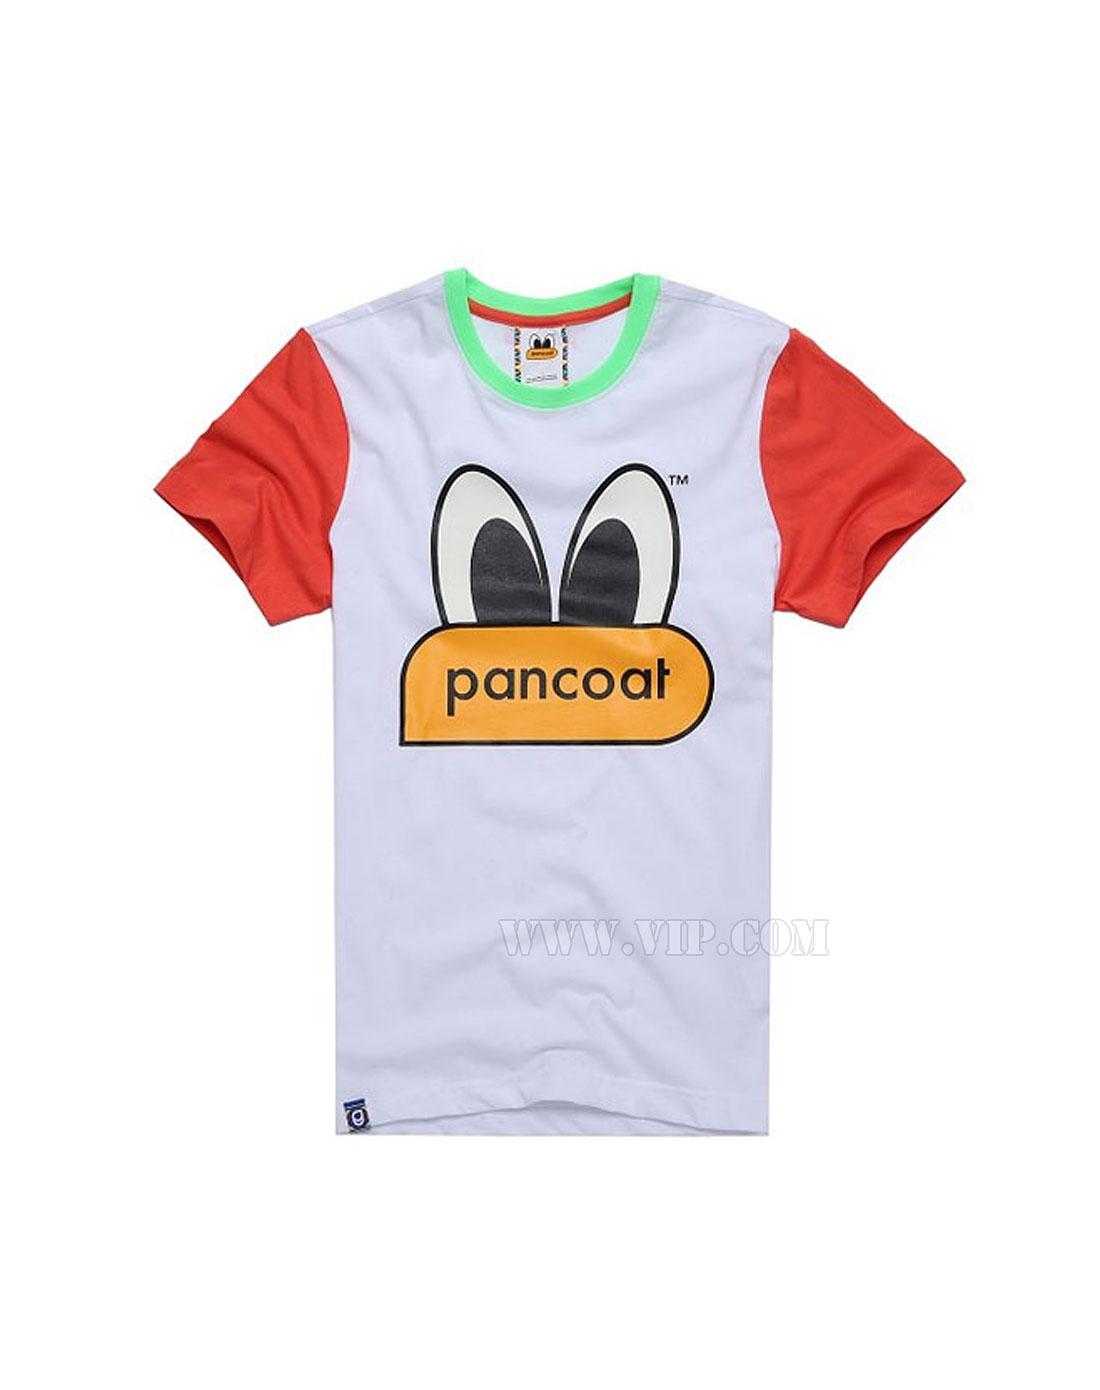 中性pancoat popeyesneon可爱卡通图案t恤白色